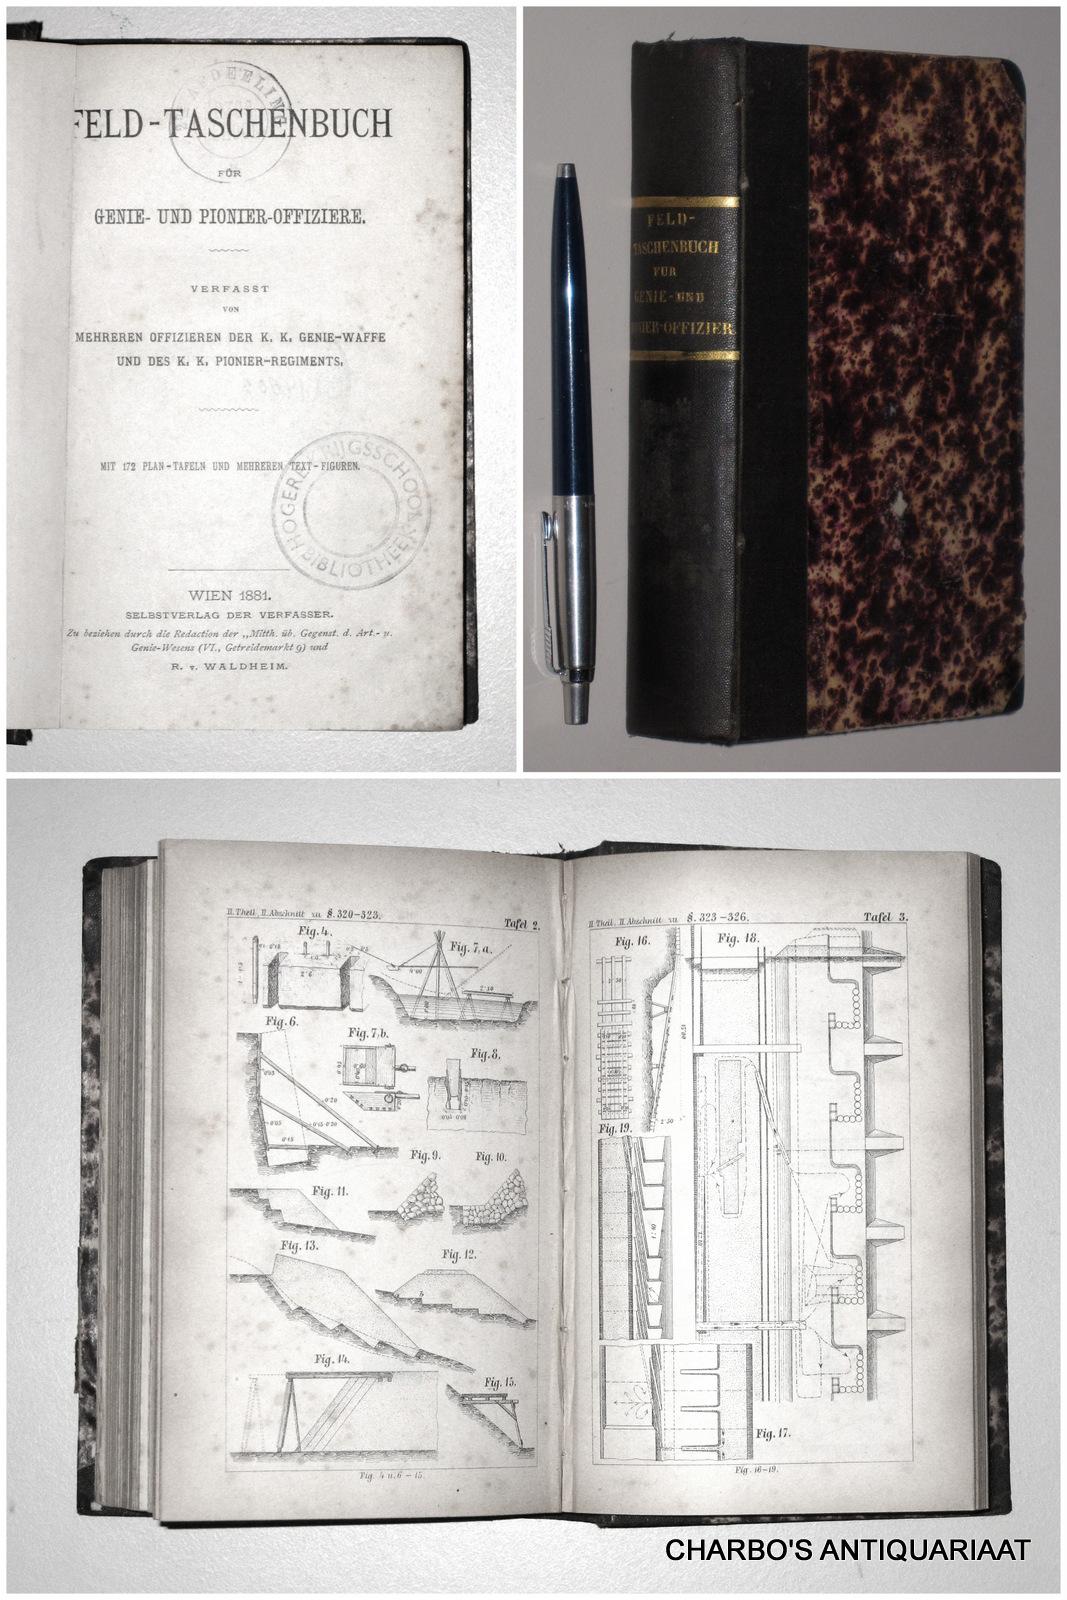 K.K. GENIE-WAFFE, -  Feld-taschenbuch für Genie- und Pionier-Offiziere. Verfasst von mehreren Offizieren der K.K. Genie-Waffe und des K.K. Pionier-Regiments.